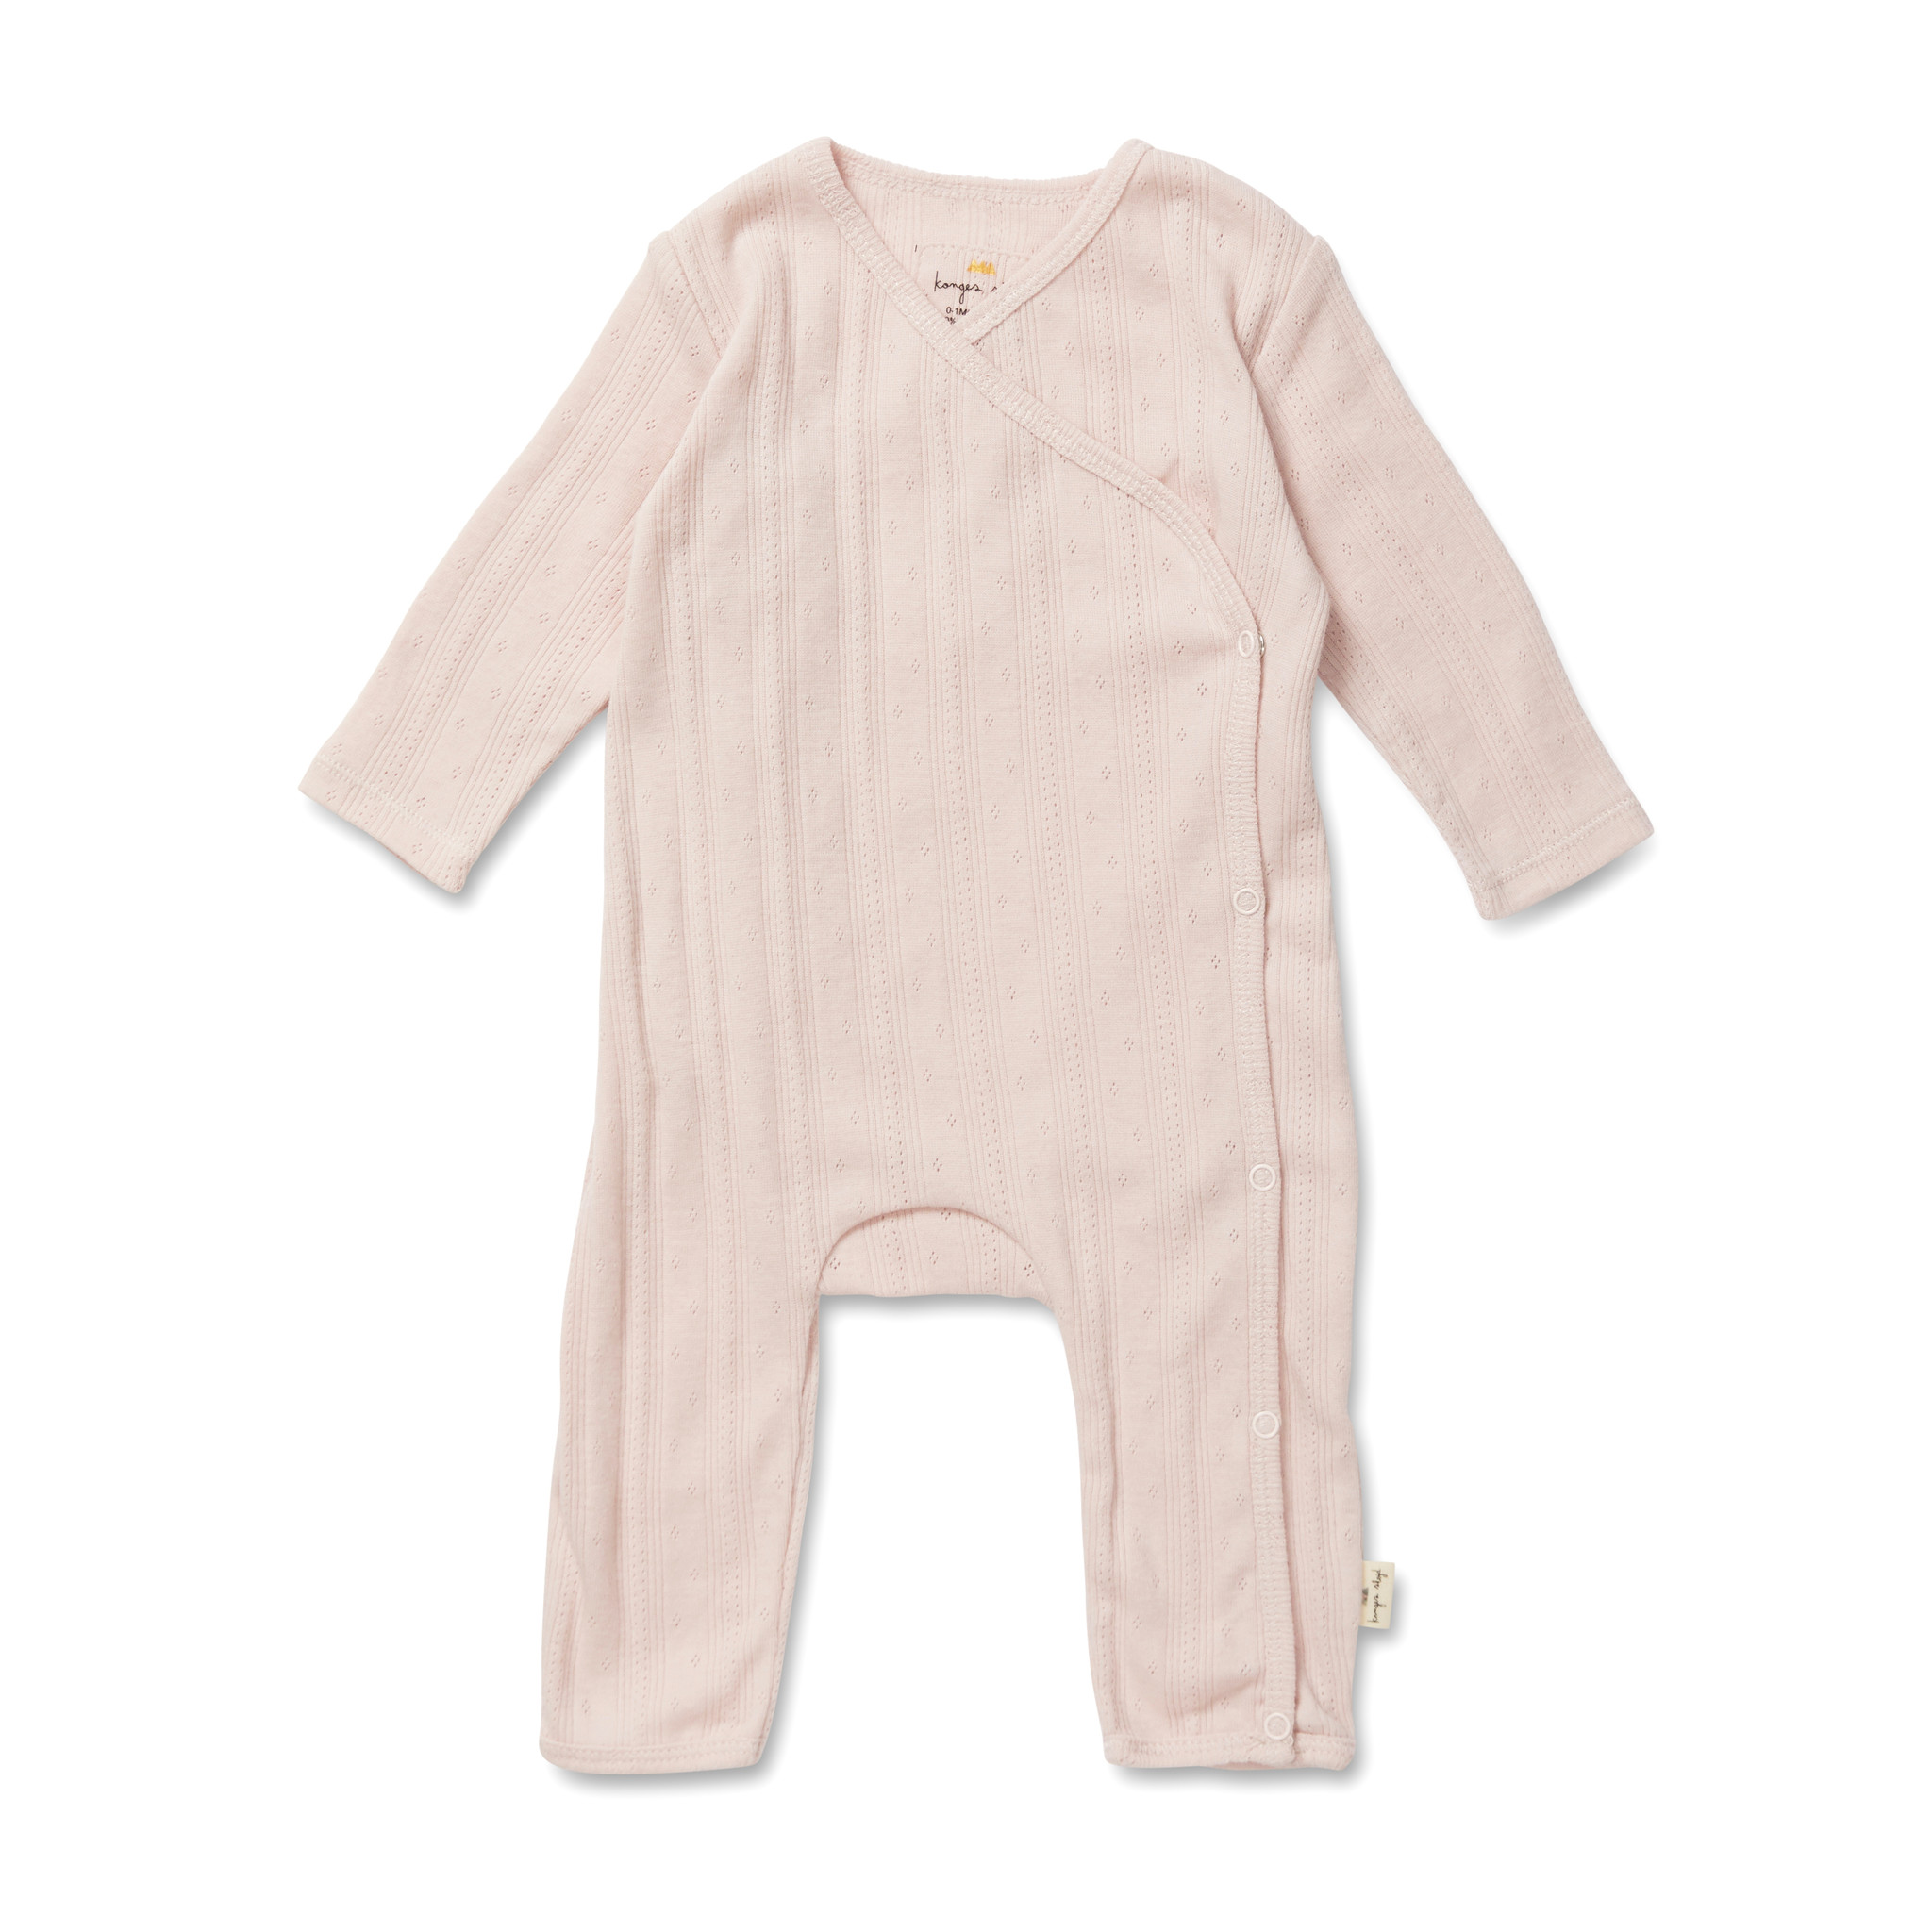 newborn pakje minnie onesie - lavender mist-1